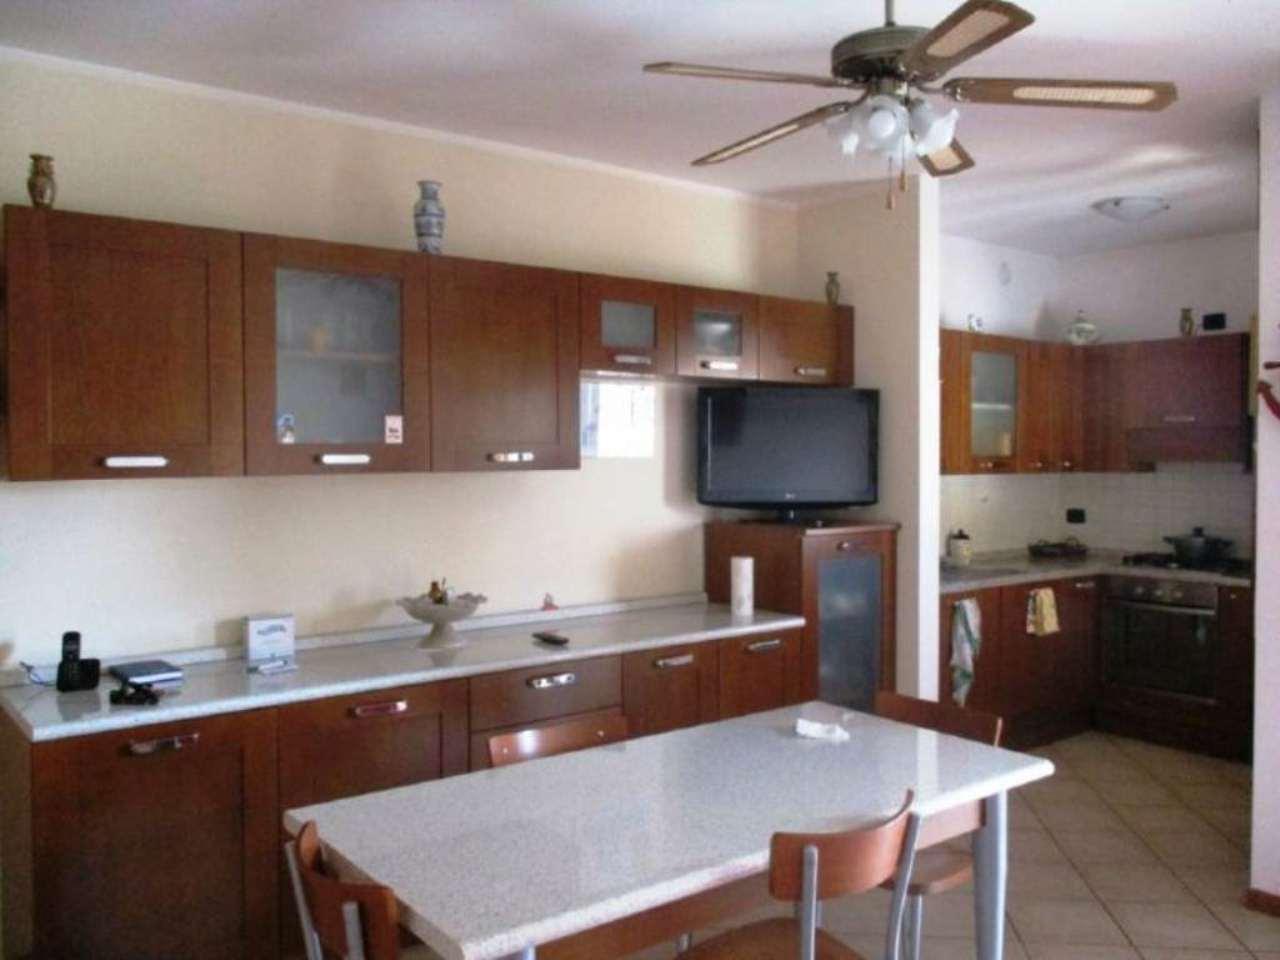 Appartamento in vendita a Mozzanica, 4 locali, prezzo € 110.000 | Cambio Casa.it